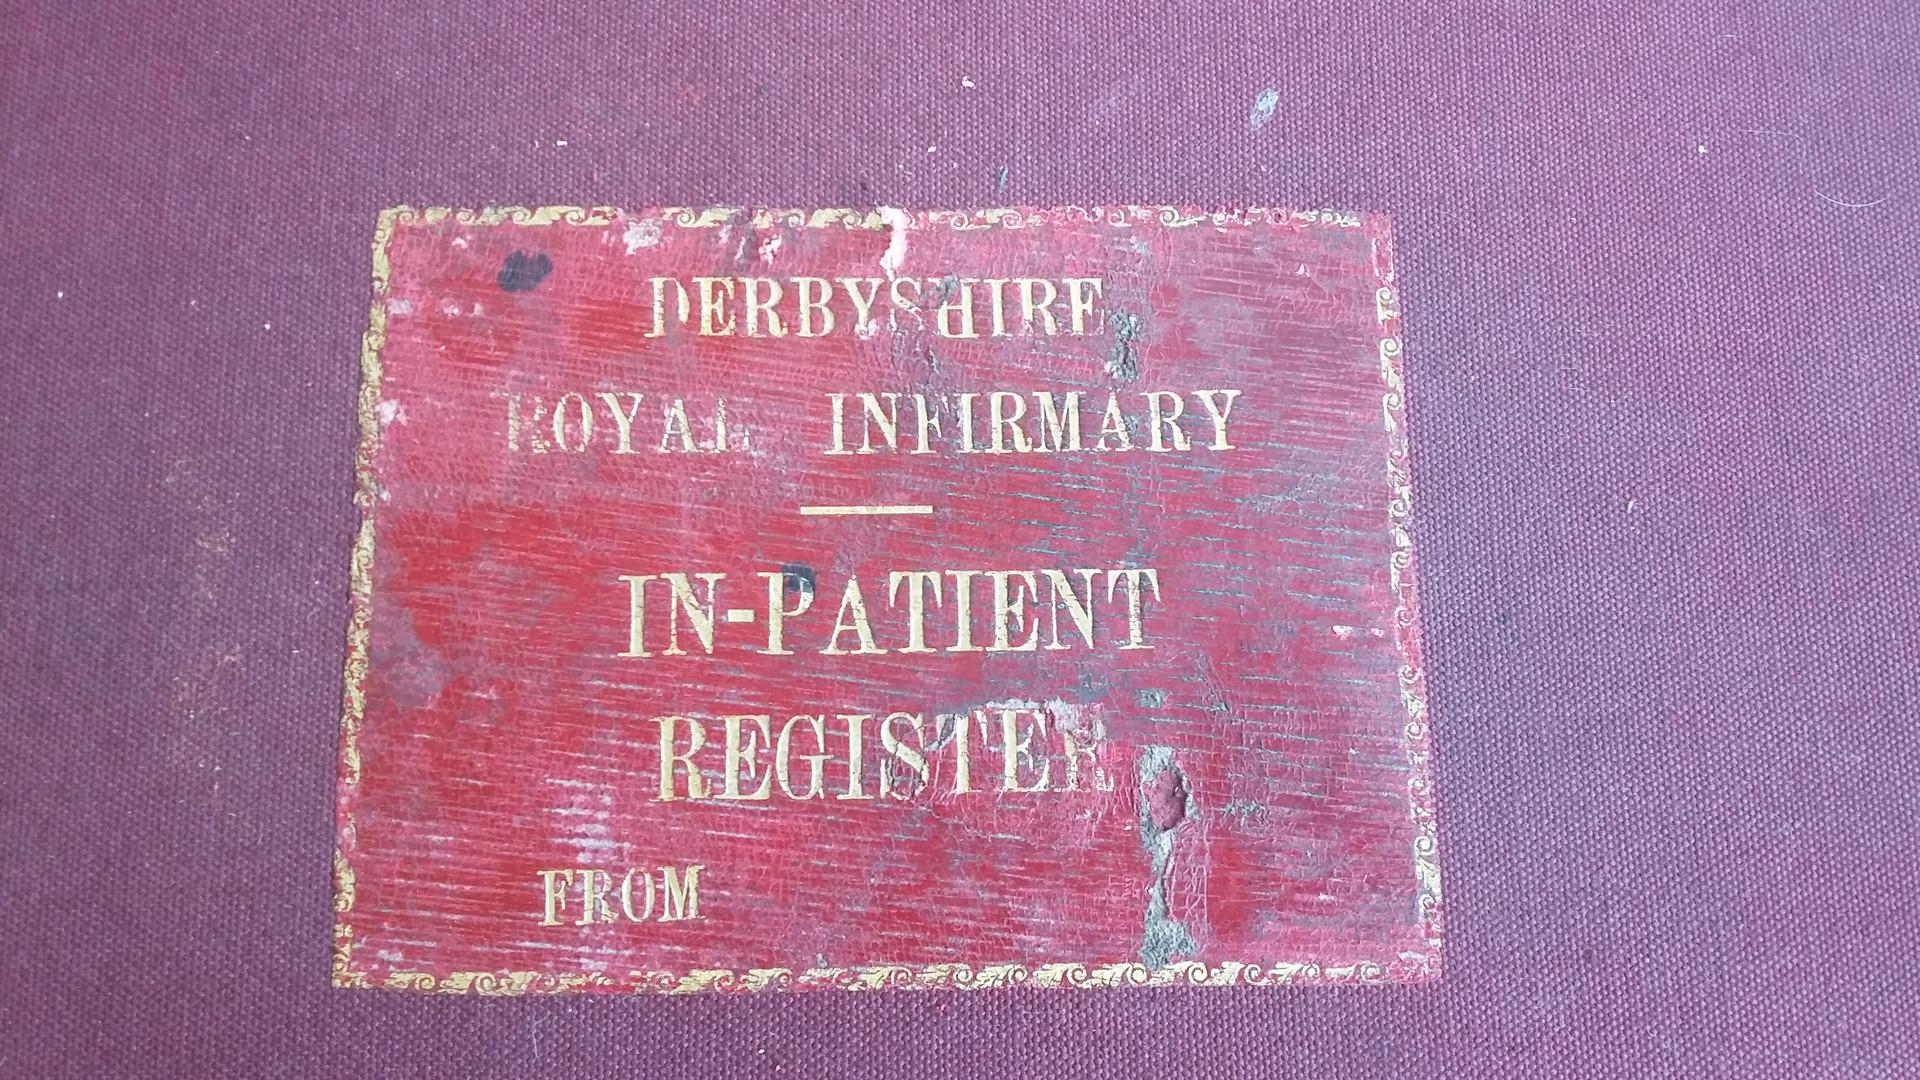 In-Patient Register 1930-32.jpg